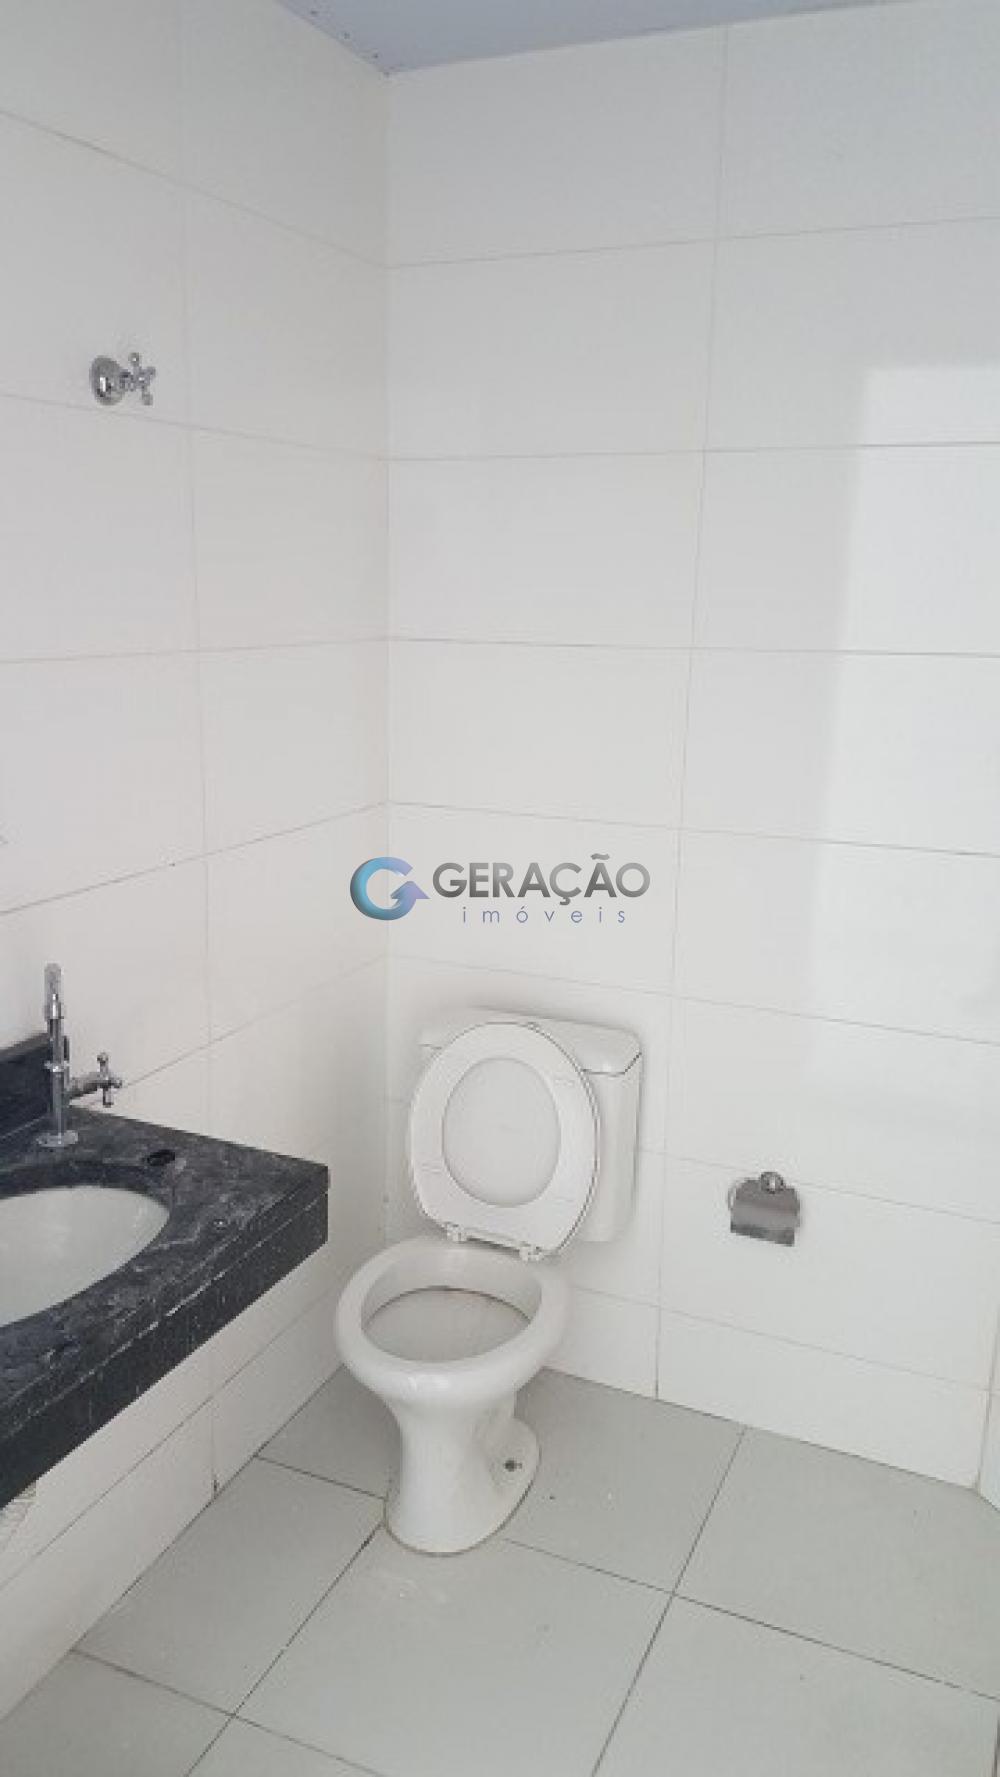 Alugar Comercial / Ponto Comercial em São José dos Campos apenas R$ 1.800,00 - Foto 5